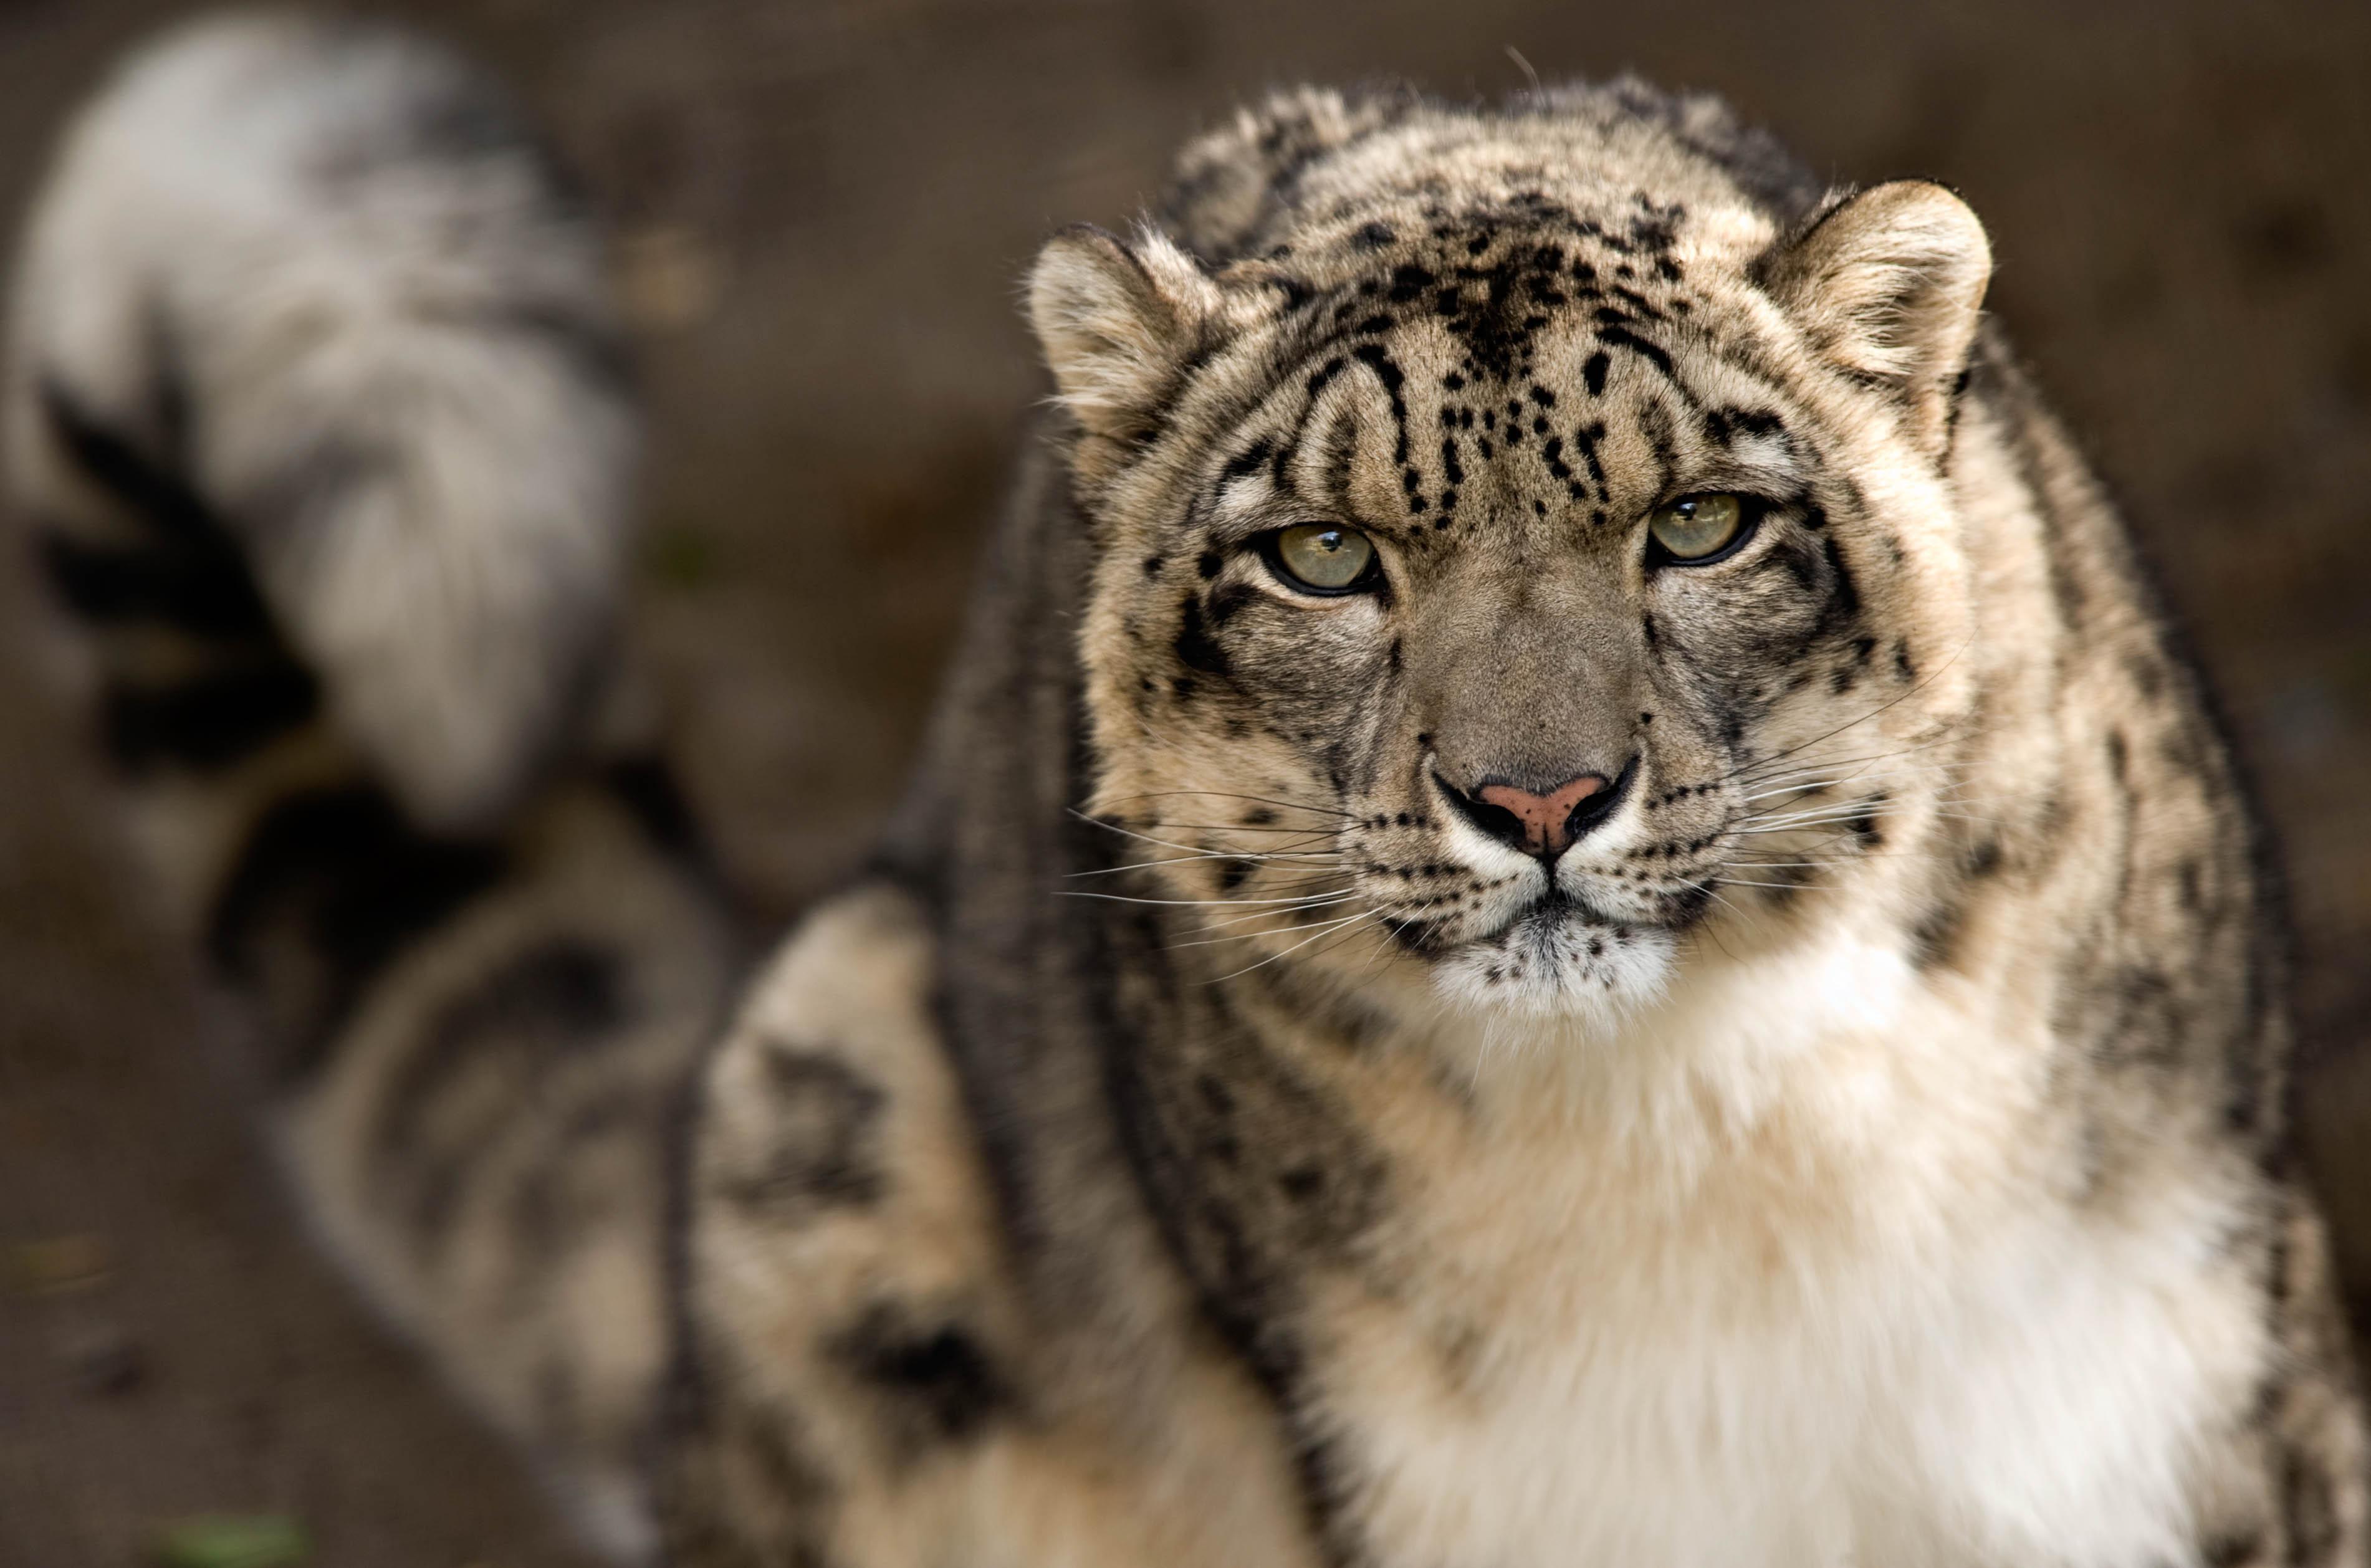 Fondos De Pantalla Grandes: Fondos De Pantalla Grandes Felinos Leopardo De Las Nieves